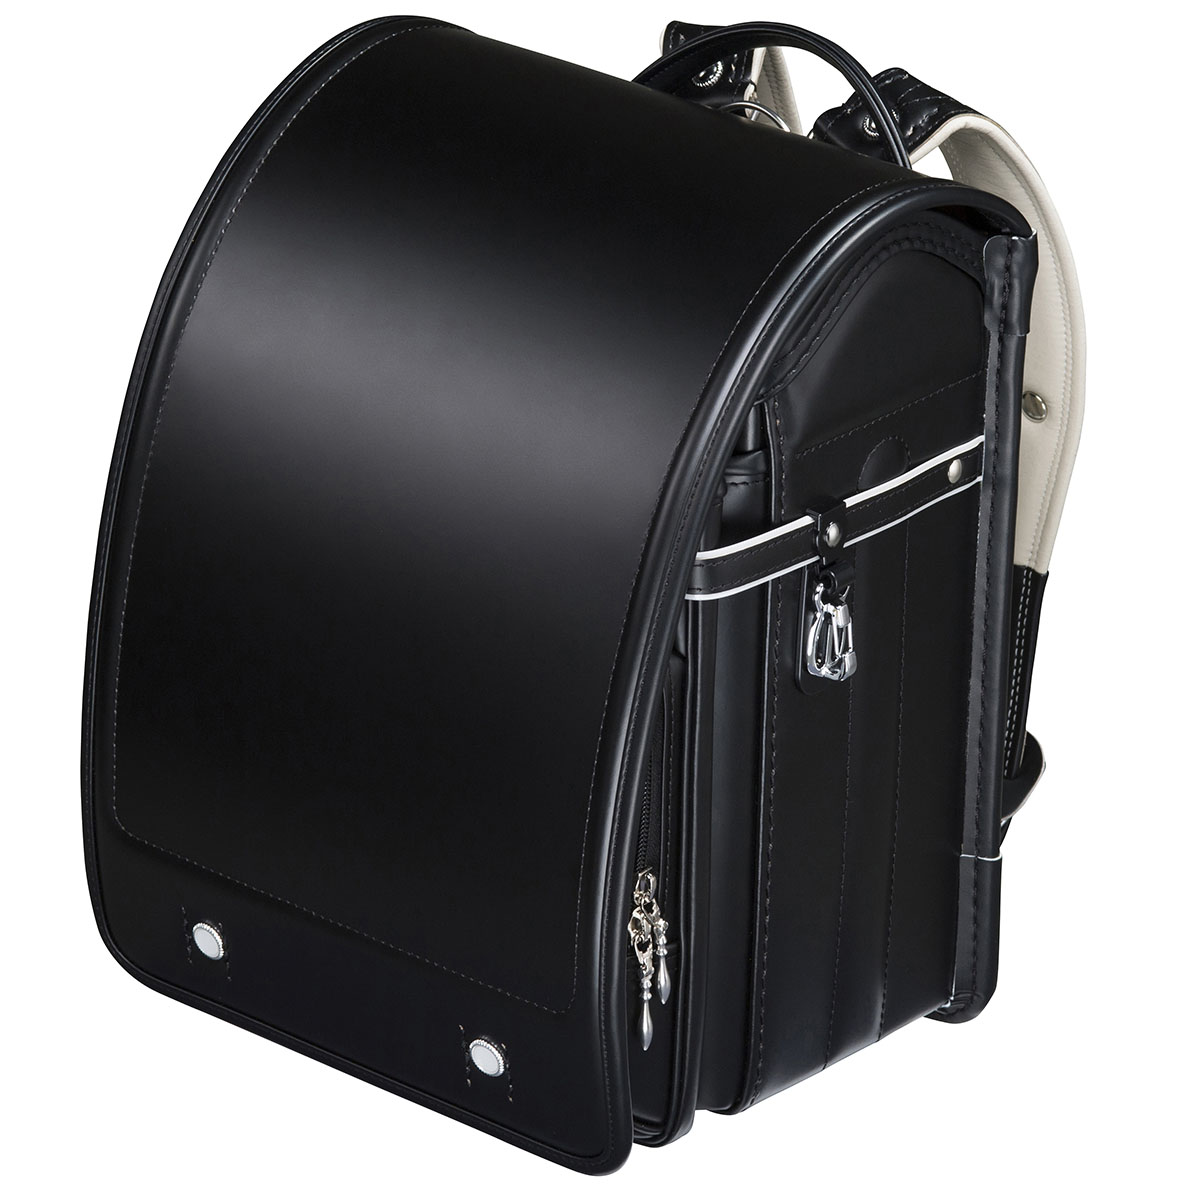 プレミアムフィットちゃんランドセル 牛革ランドセル(FIT-238Z)A4フラットファイル収納サイズ